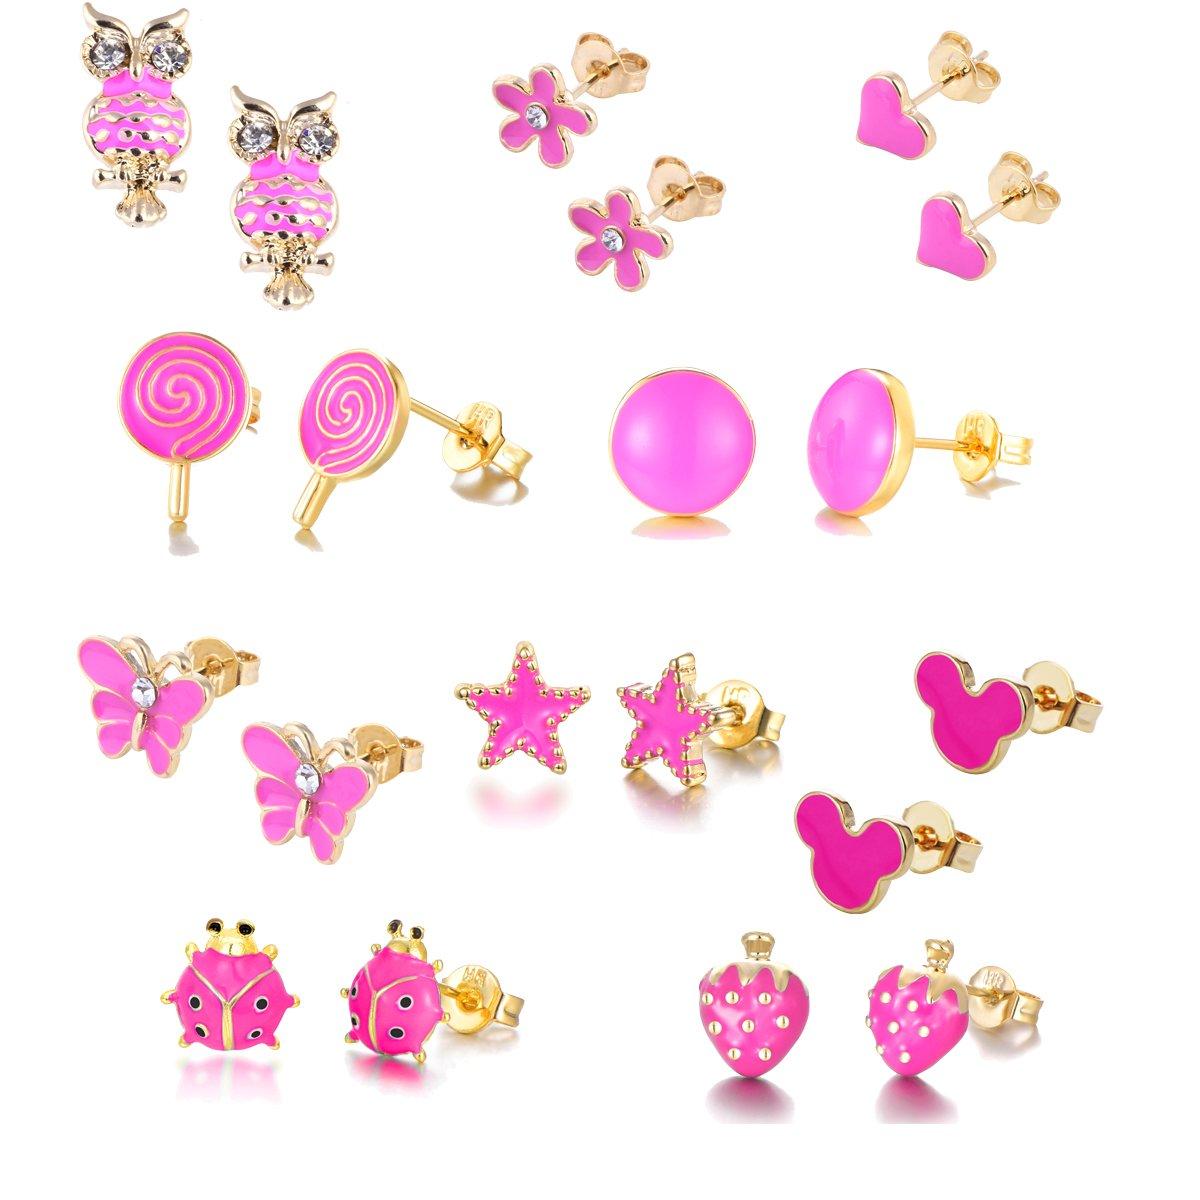 10 paia placcato in oro 18 carati piccoli orecchini per orecchini semplici scolpiti per ragazze (Carmine rosa-mix) luoyue HYZ-ED-18K 10P